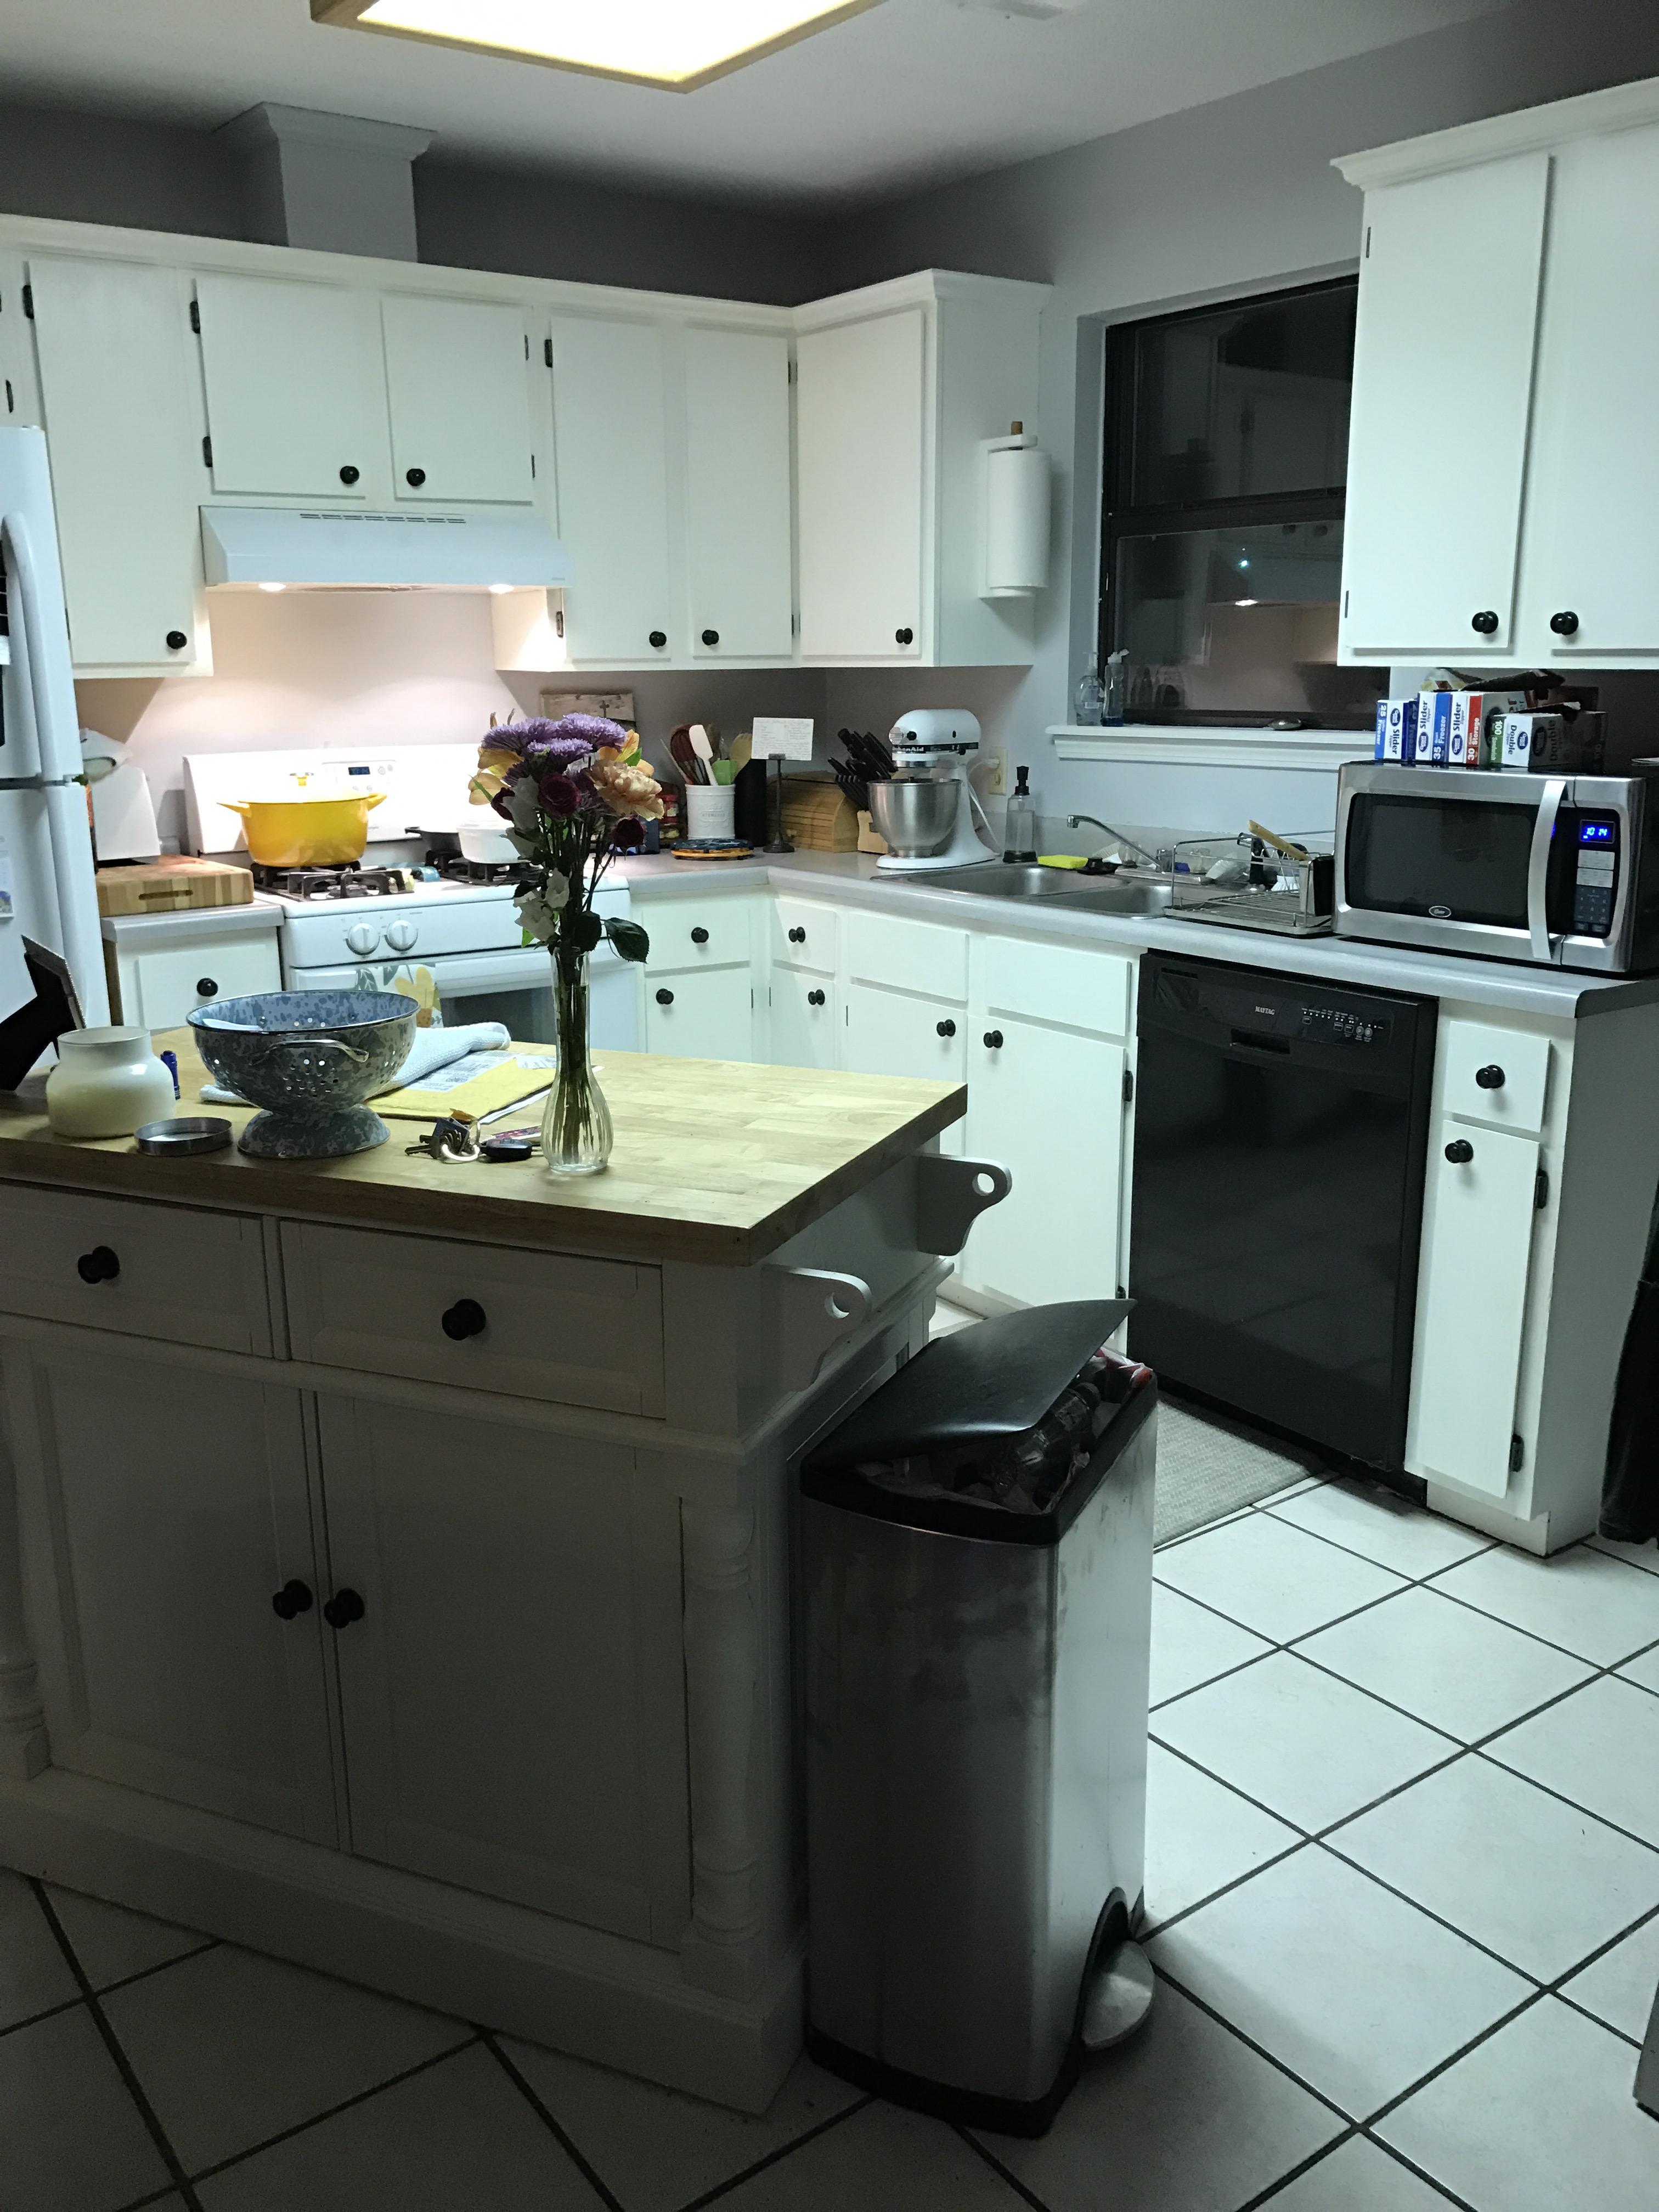 Kitchen Reno: Part 1-Cabinets